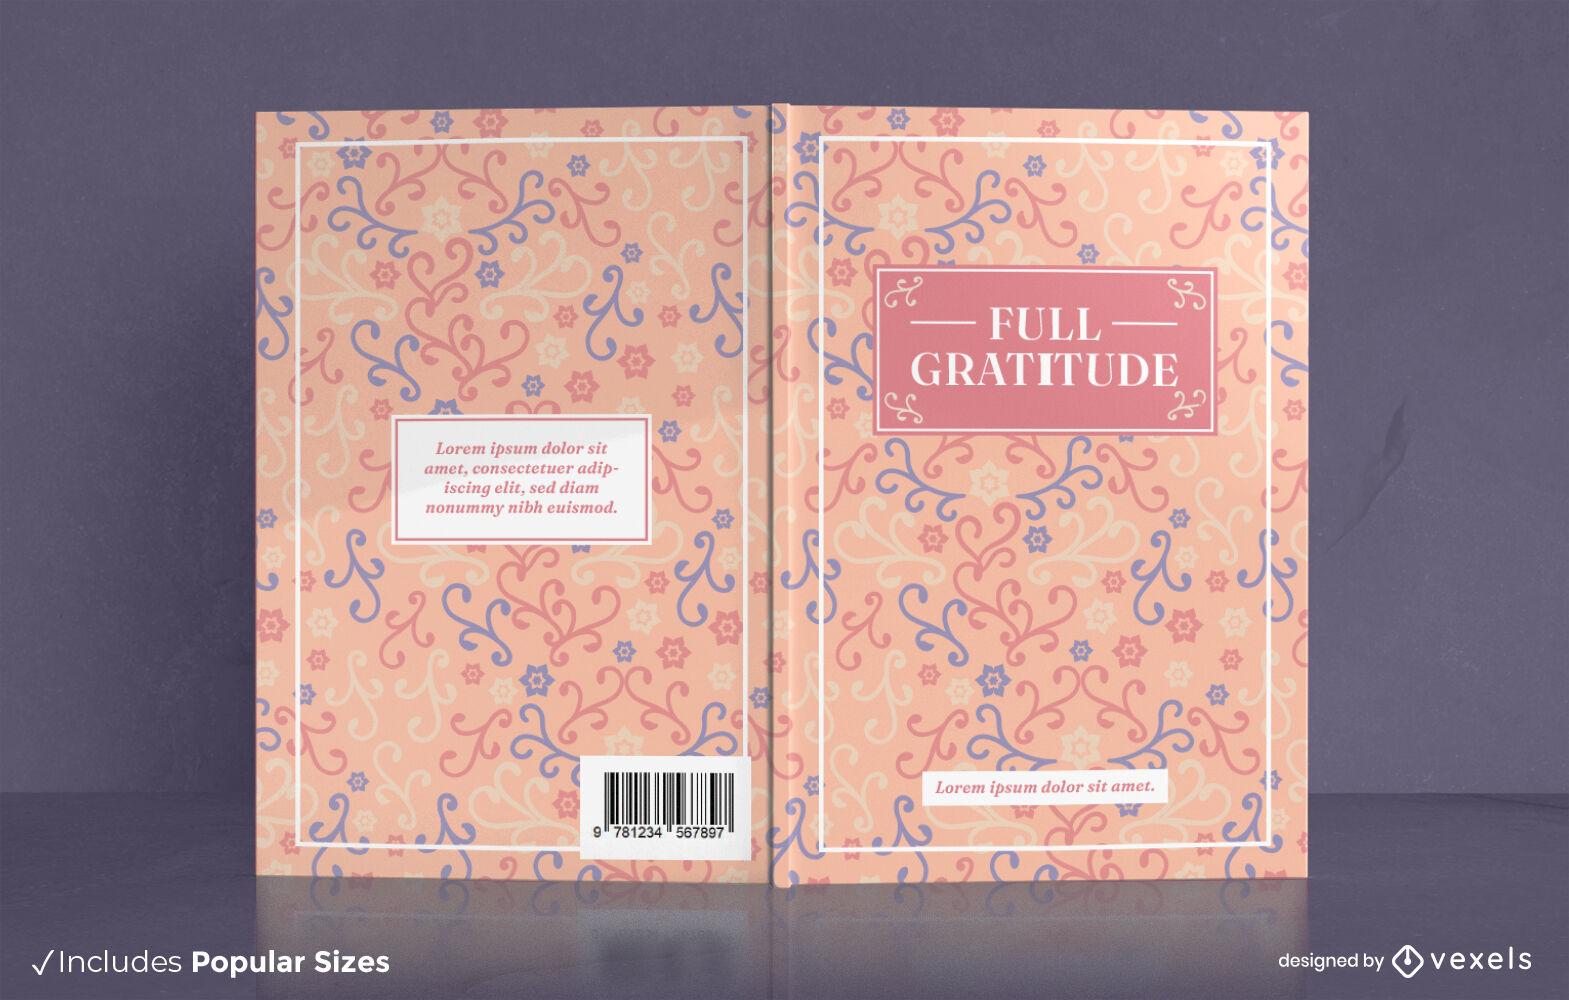 Precioso dise?o de portada de libro de diario de gratitud